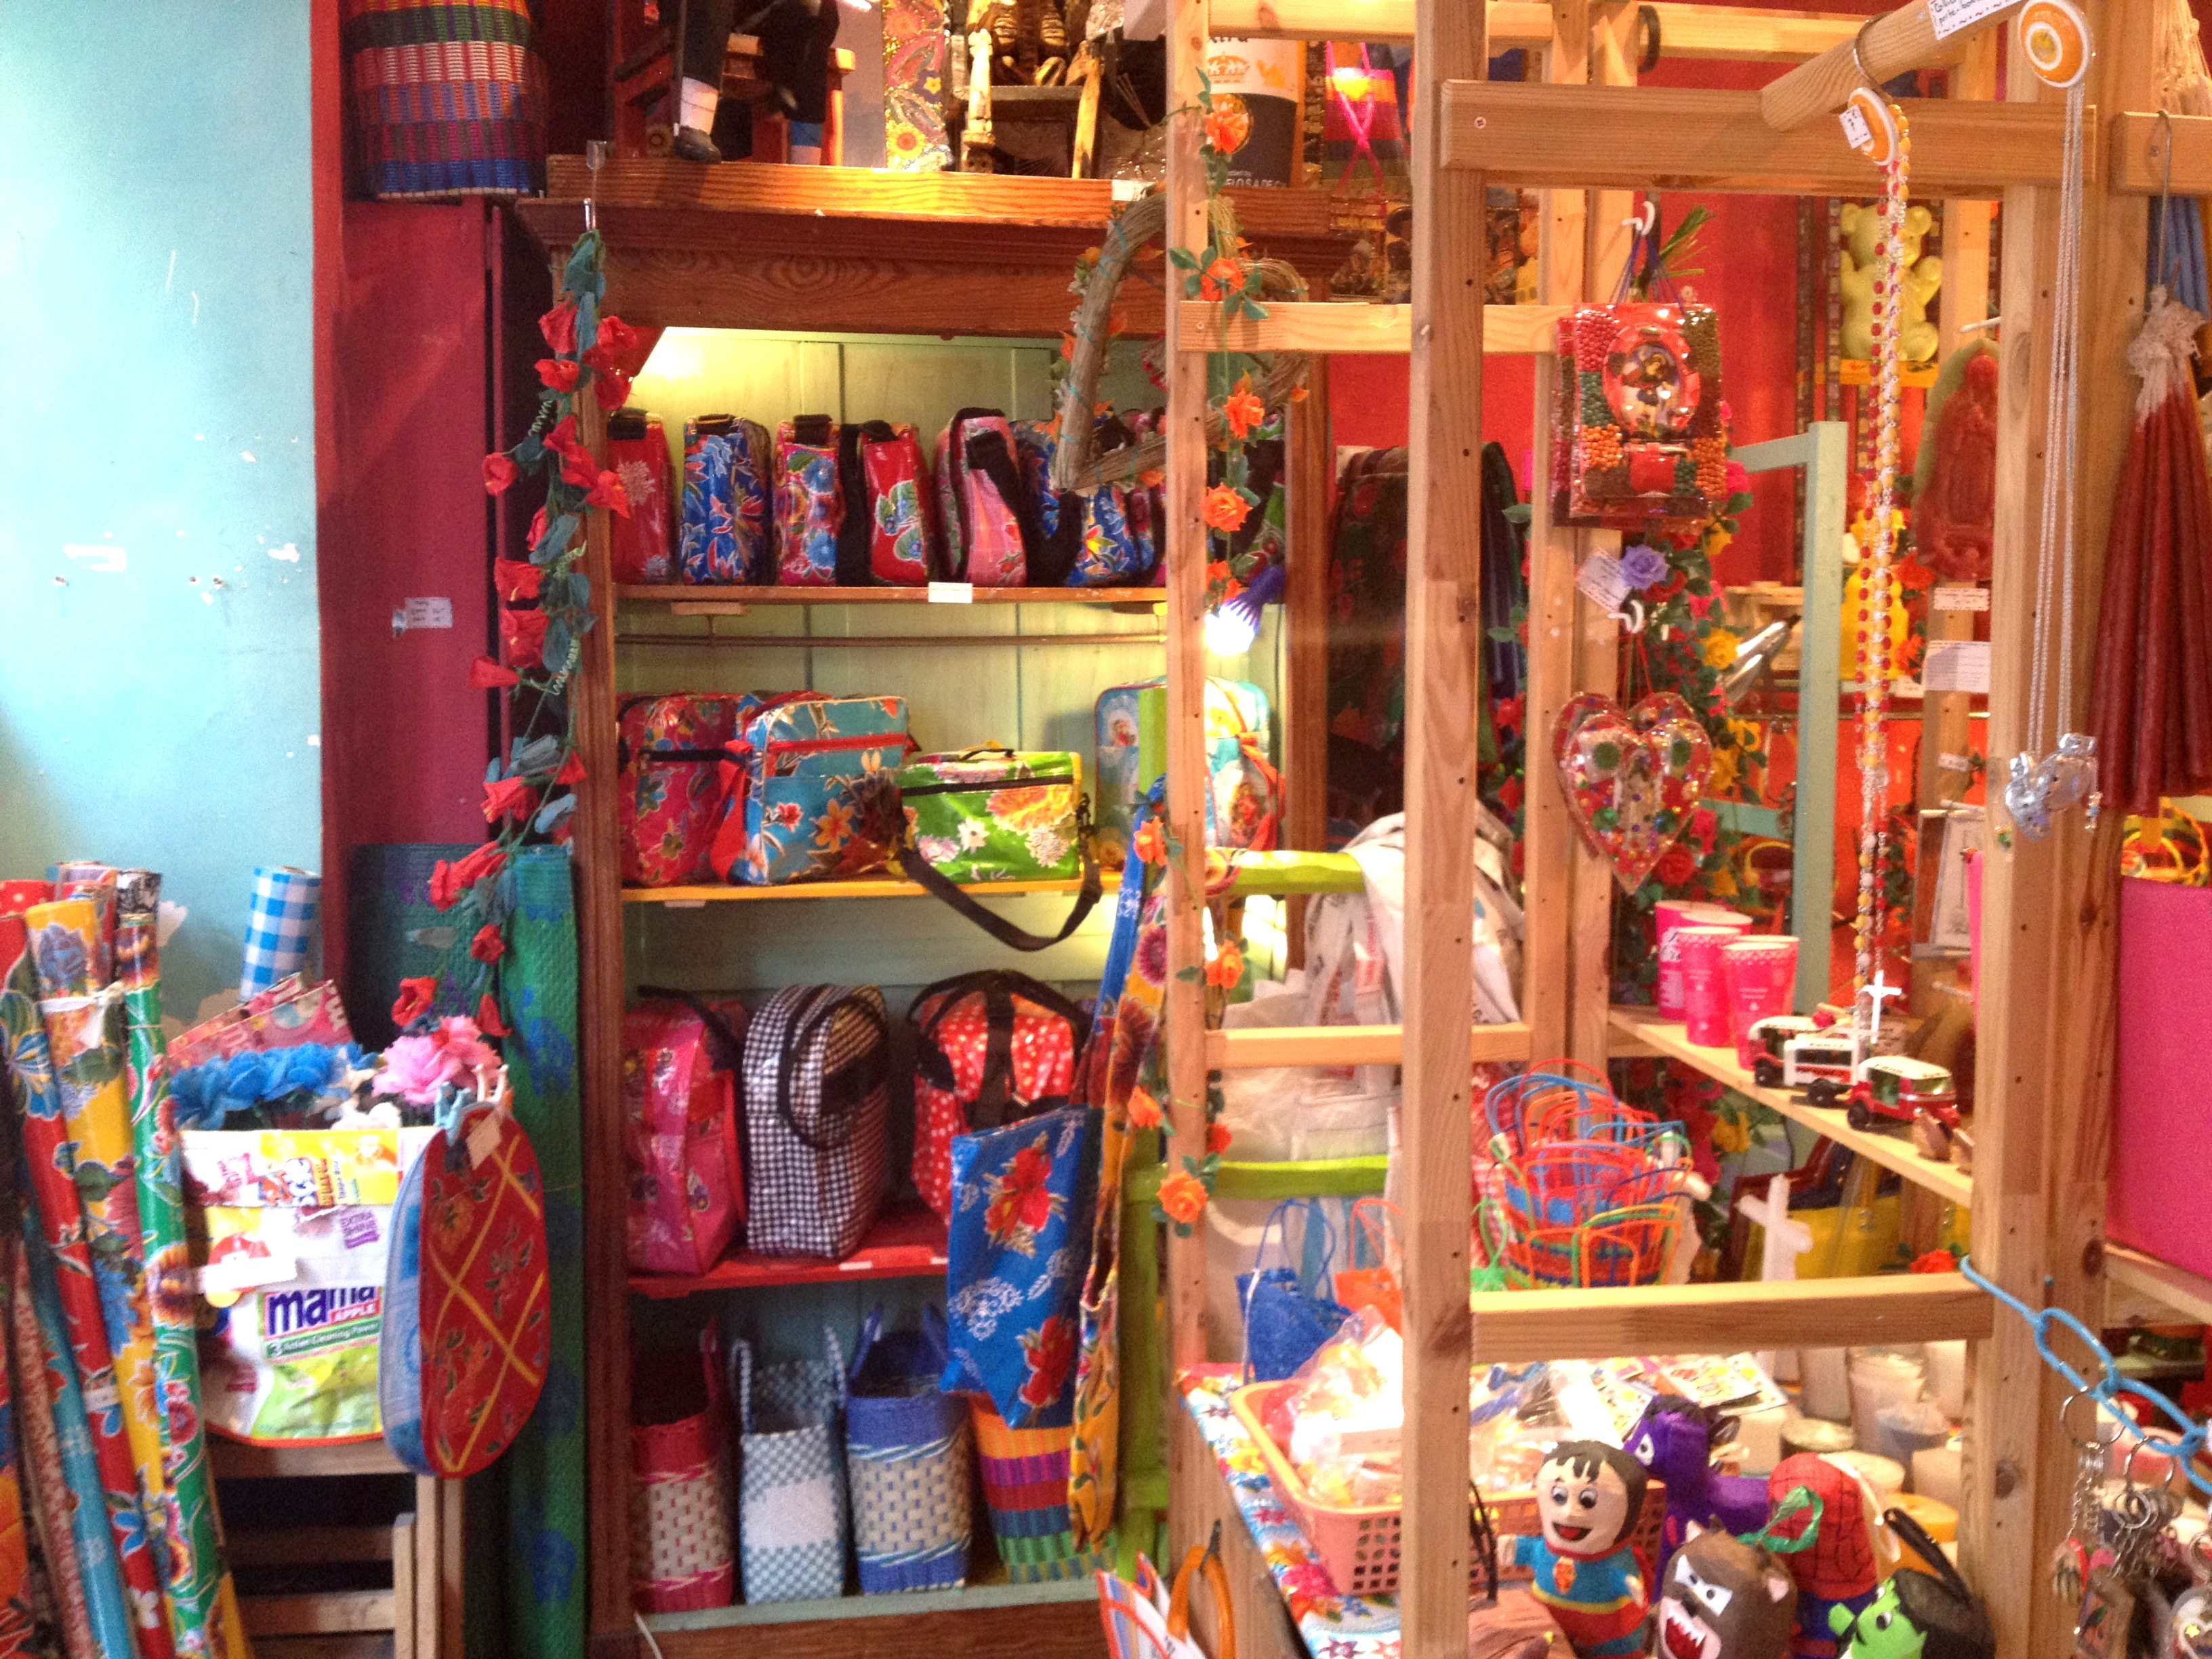 Magasin tienda esquipulas montmartre paris quand les bobos voient double - La redoute adresse magasin paris ...